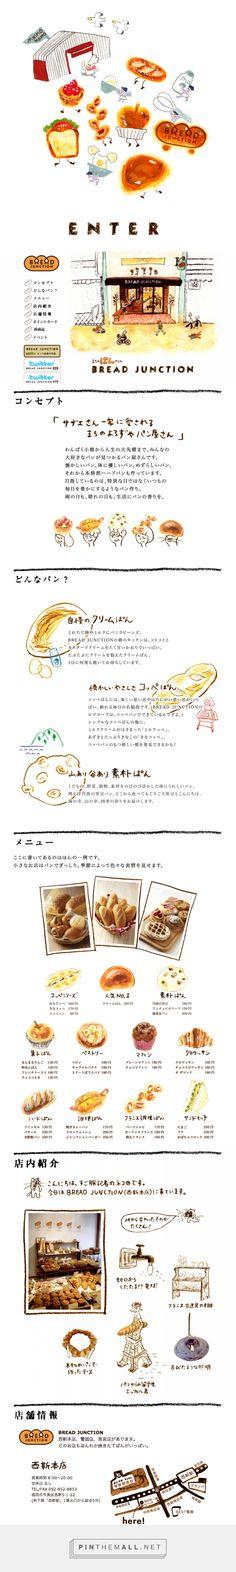 福岡のパン屋さん「BREAD JUNCTION」のWebサイト – KAWACOLLE かわいいデザインのコレクションサイト... - a grouped images picture - Pin Them All